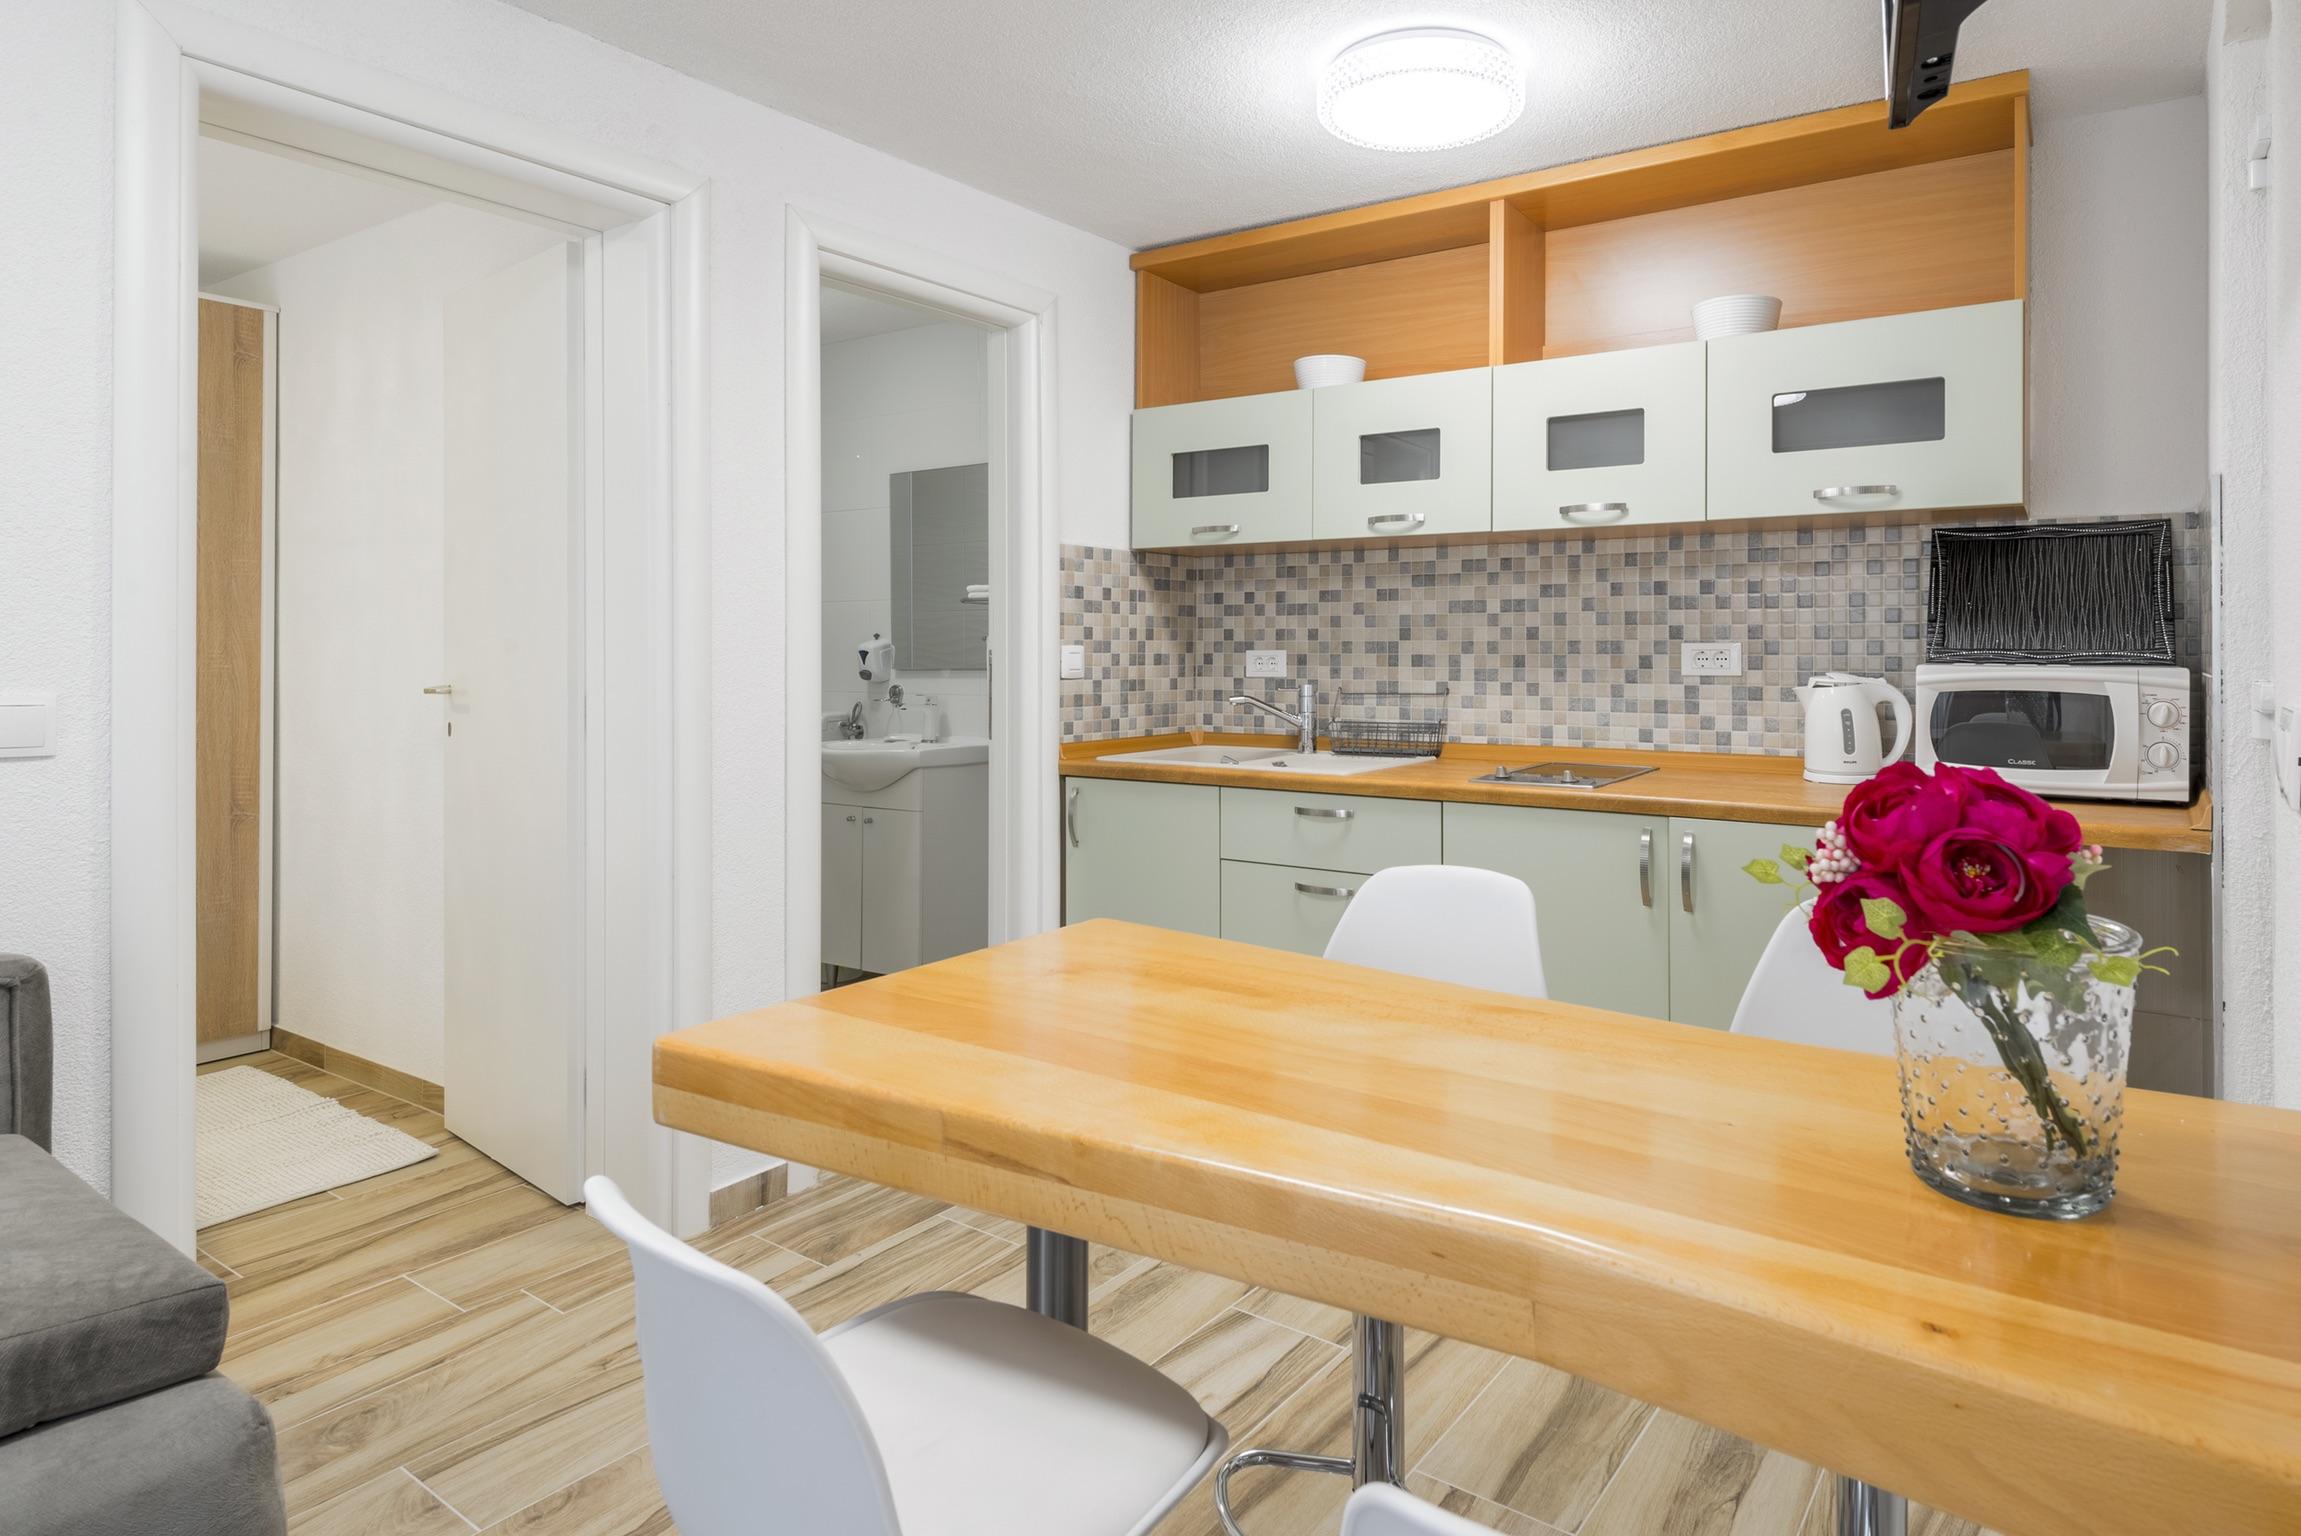 Ferienwohnung Wohnung mit 2 Zimmern in Baaka Voda mit herrlichem Meerblick, möblierter Terrasse und W-L (2201397), Baška Voda, , Dalmatien, Kroatien, Bild 10